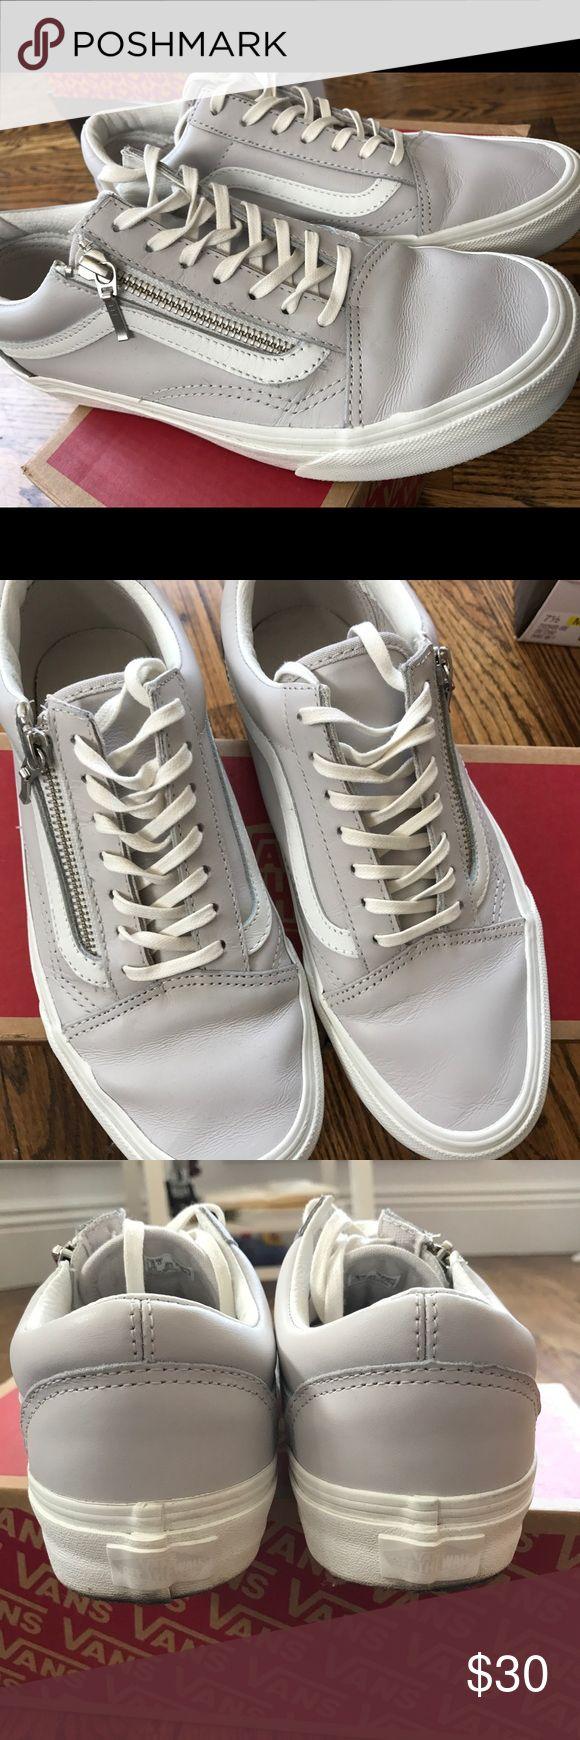 **WORN ONCE** Vans leather old skool zip sneakers **WORN ONCE** Vans old skool leather zip sneakers, color is a mix between lavender and grey! Vans Shoes Sneakers